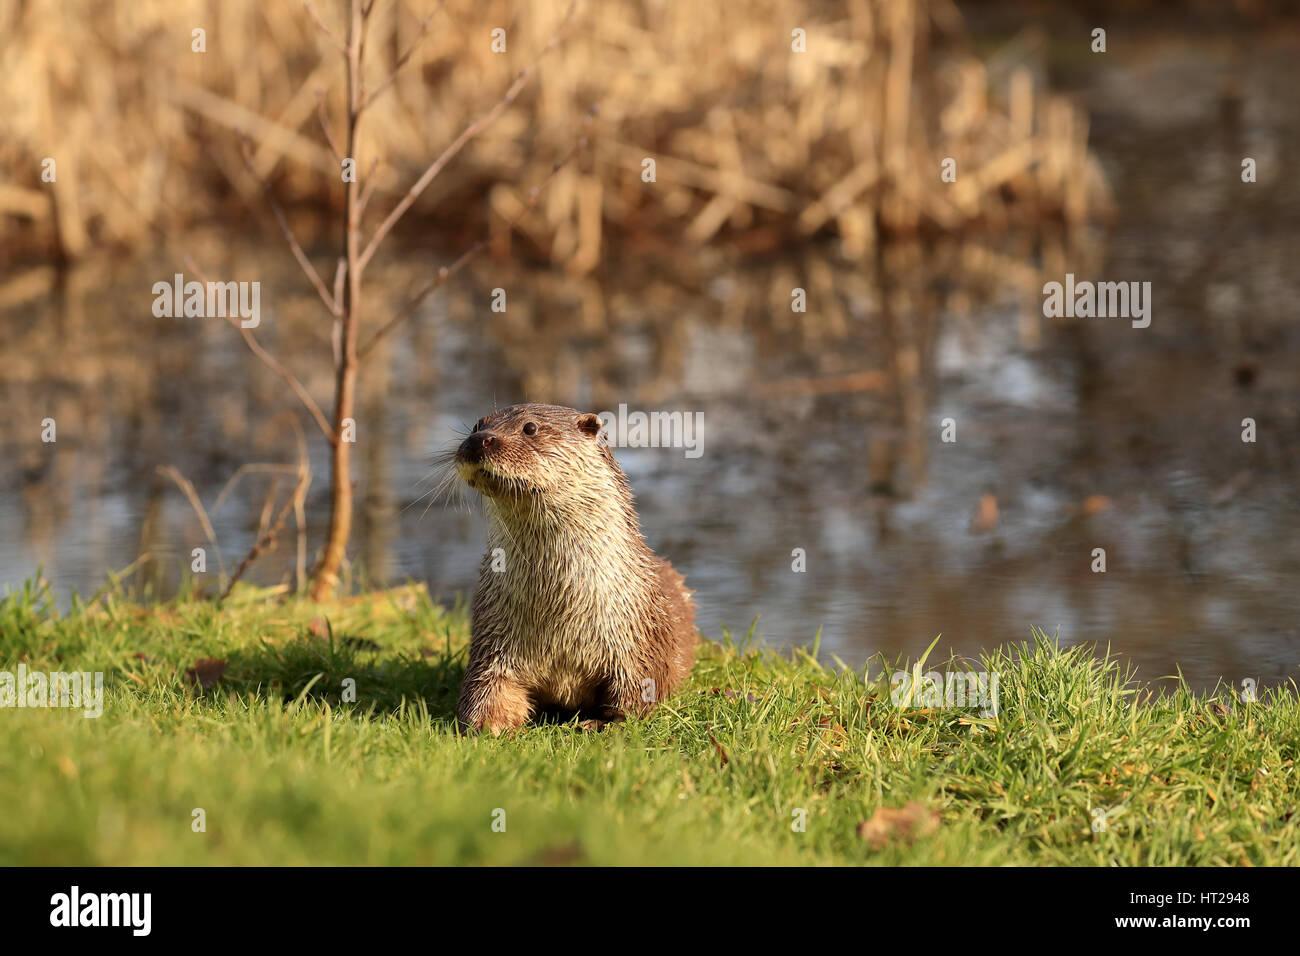 Fischotter entstand aus Teich auf dem Rasen Warnung suchen. Stockfoto